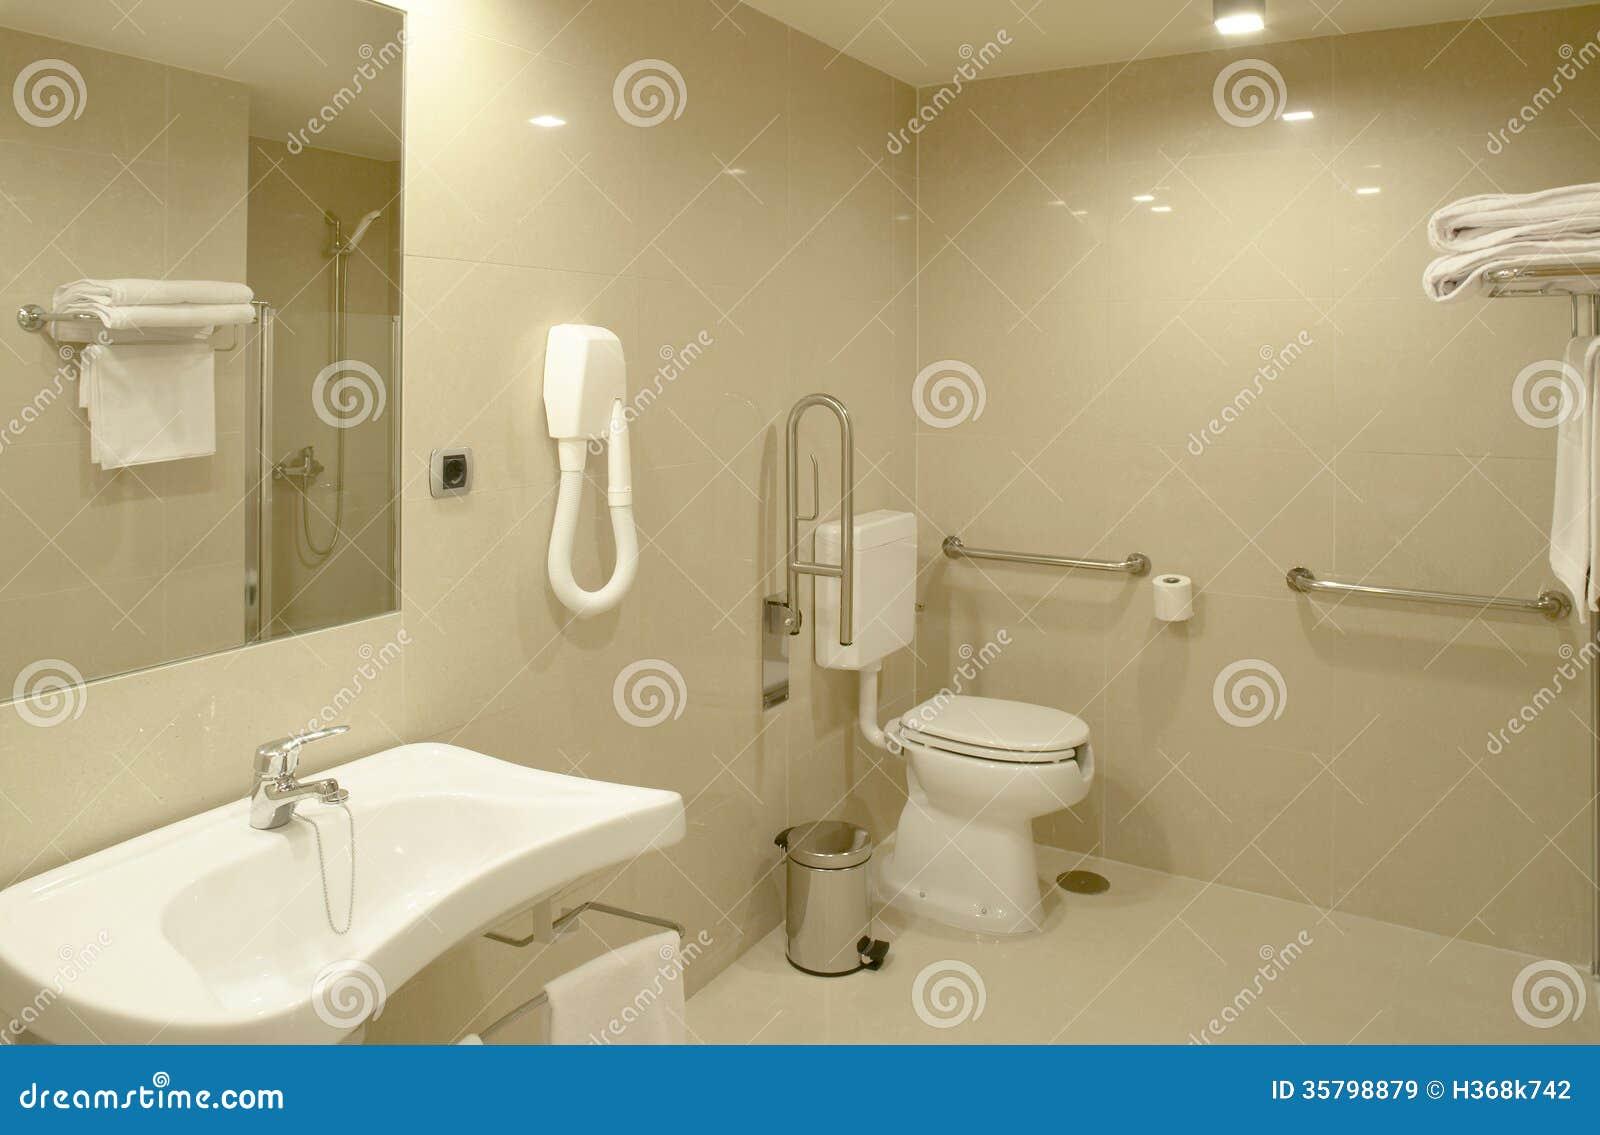 Salle de bains la chambre d 39 h pital moderne image stock for Salle de bain equipee